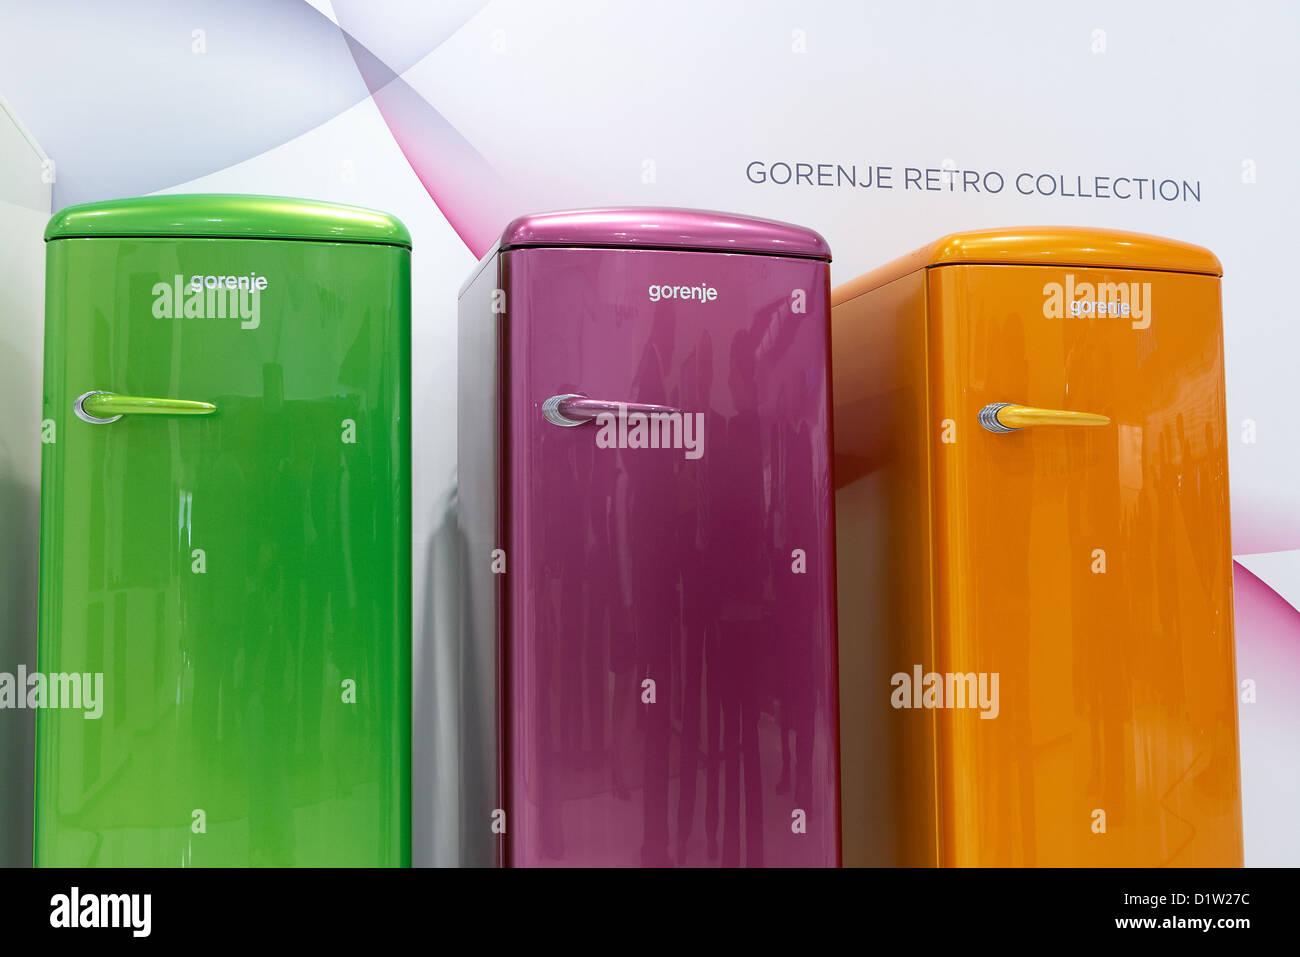 Gorenje Kühlschrank Retro Schwarz : Gorenje kühlschränke ▷ das sagen die tests testberichte